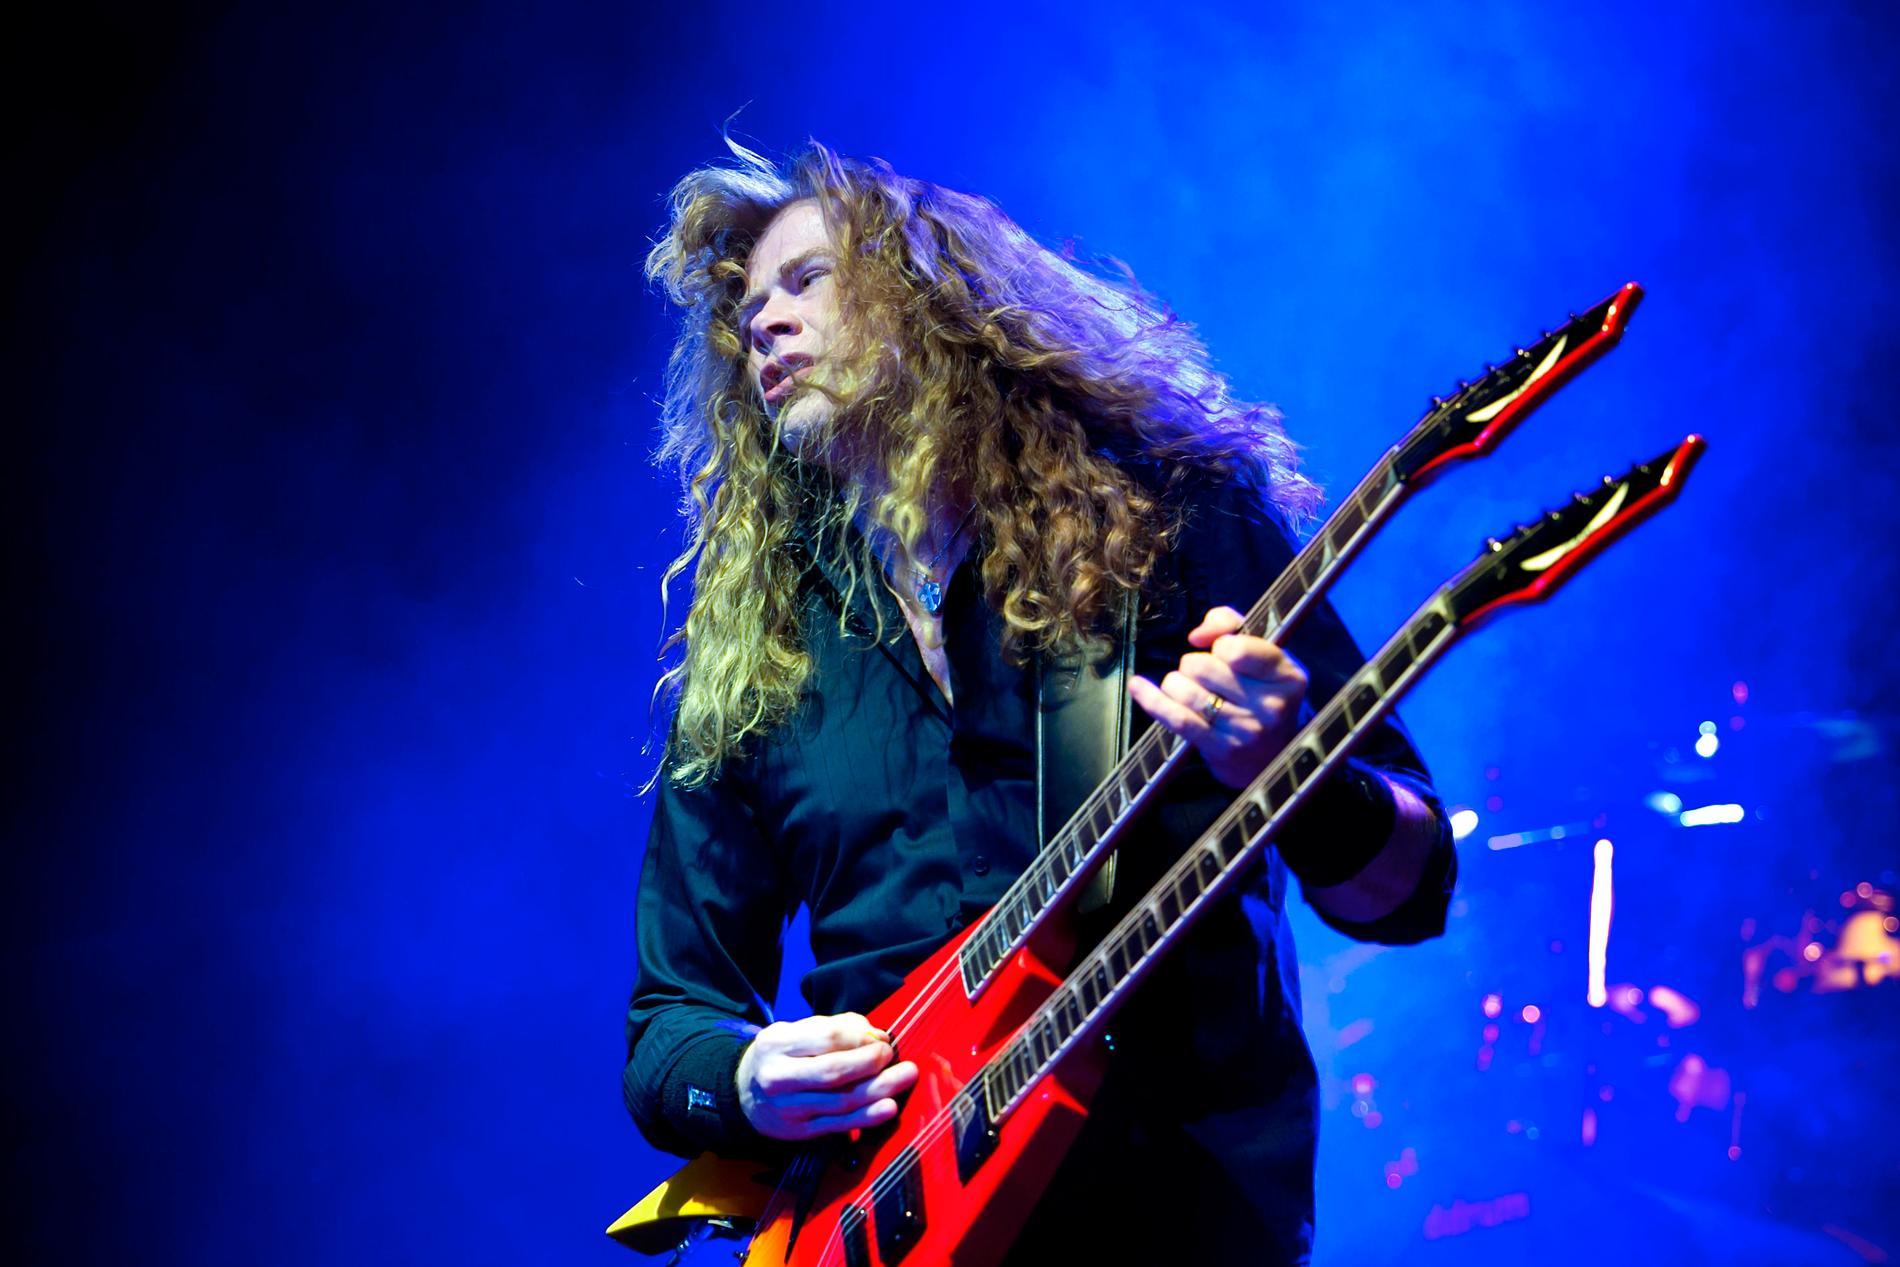 Dave Mustaine på scen med Megadeth. Arkivbild.